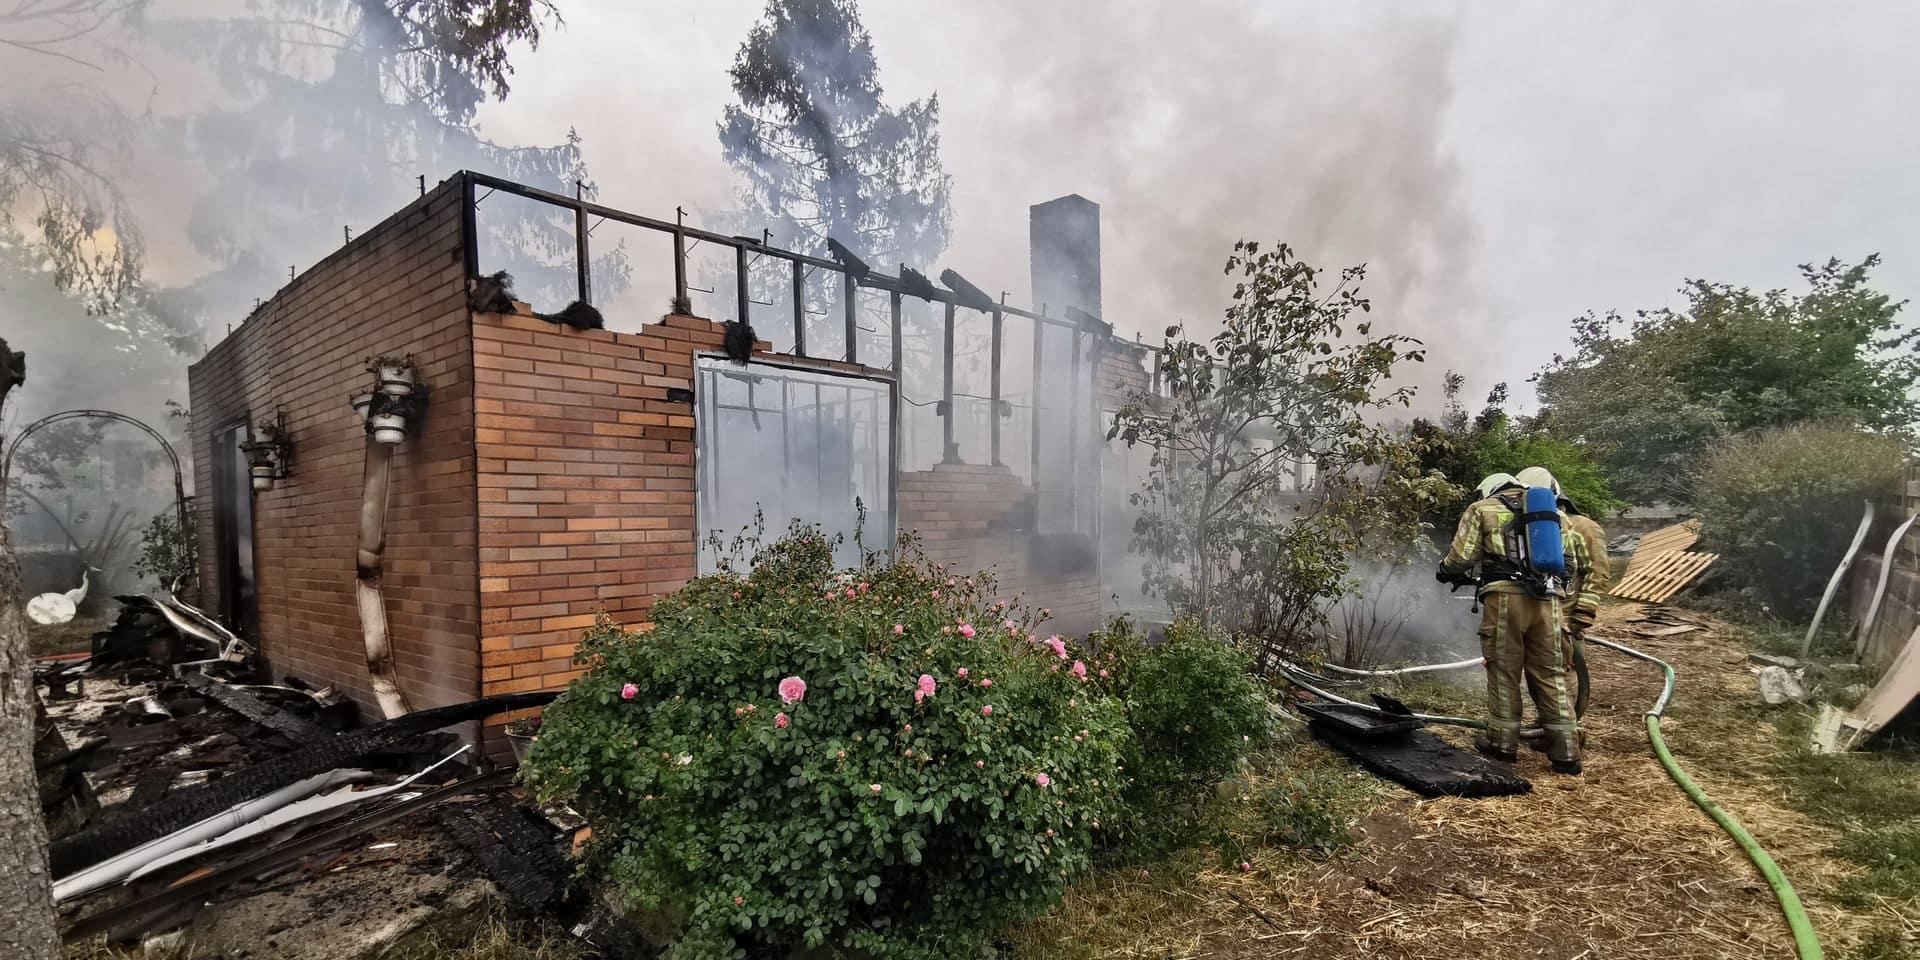 Leers-et-Fosteau: une maison détruite par les flammes